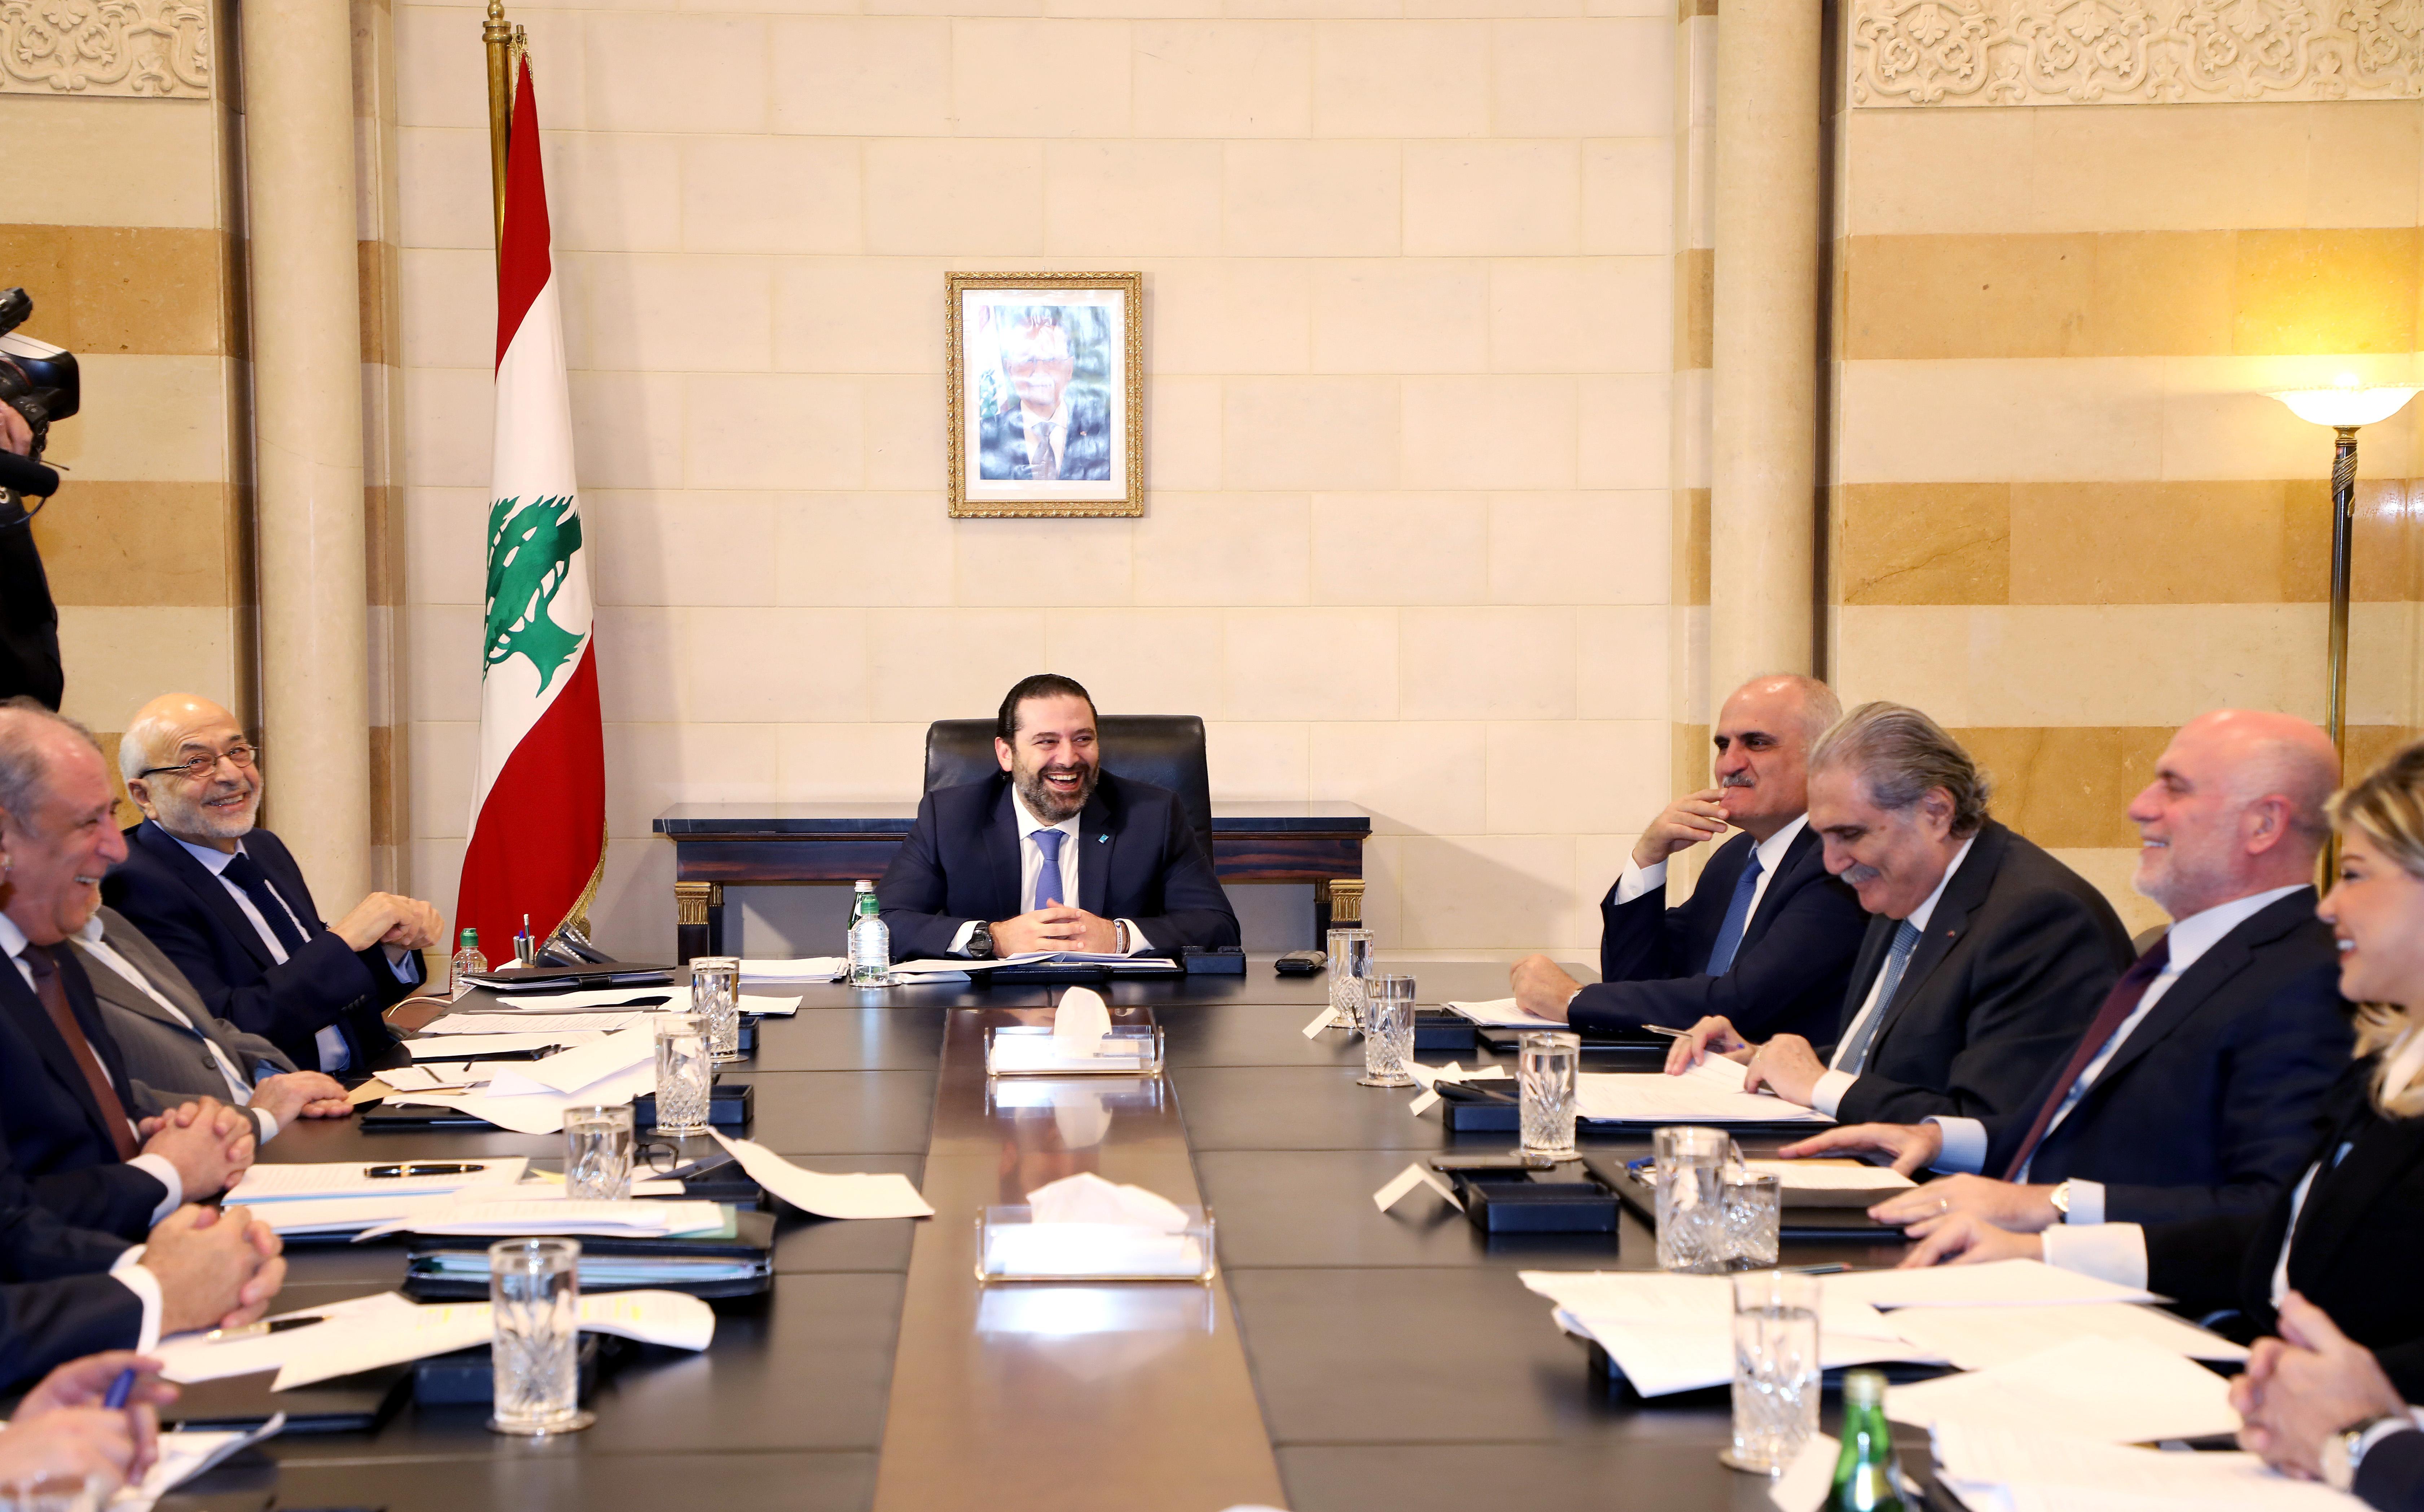 Pr Minister Saad Hariri Heading a Ministerial Meeting